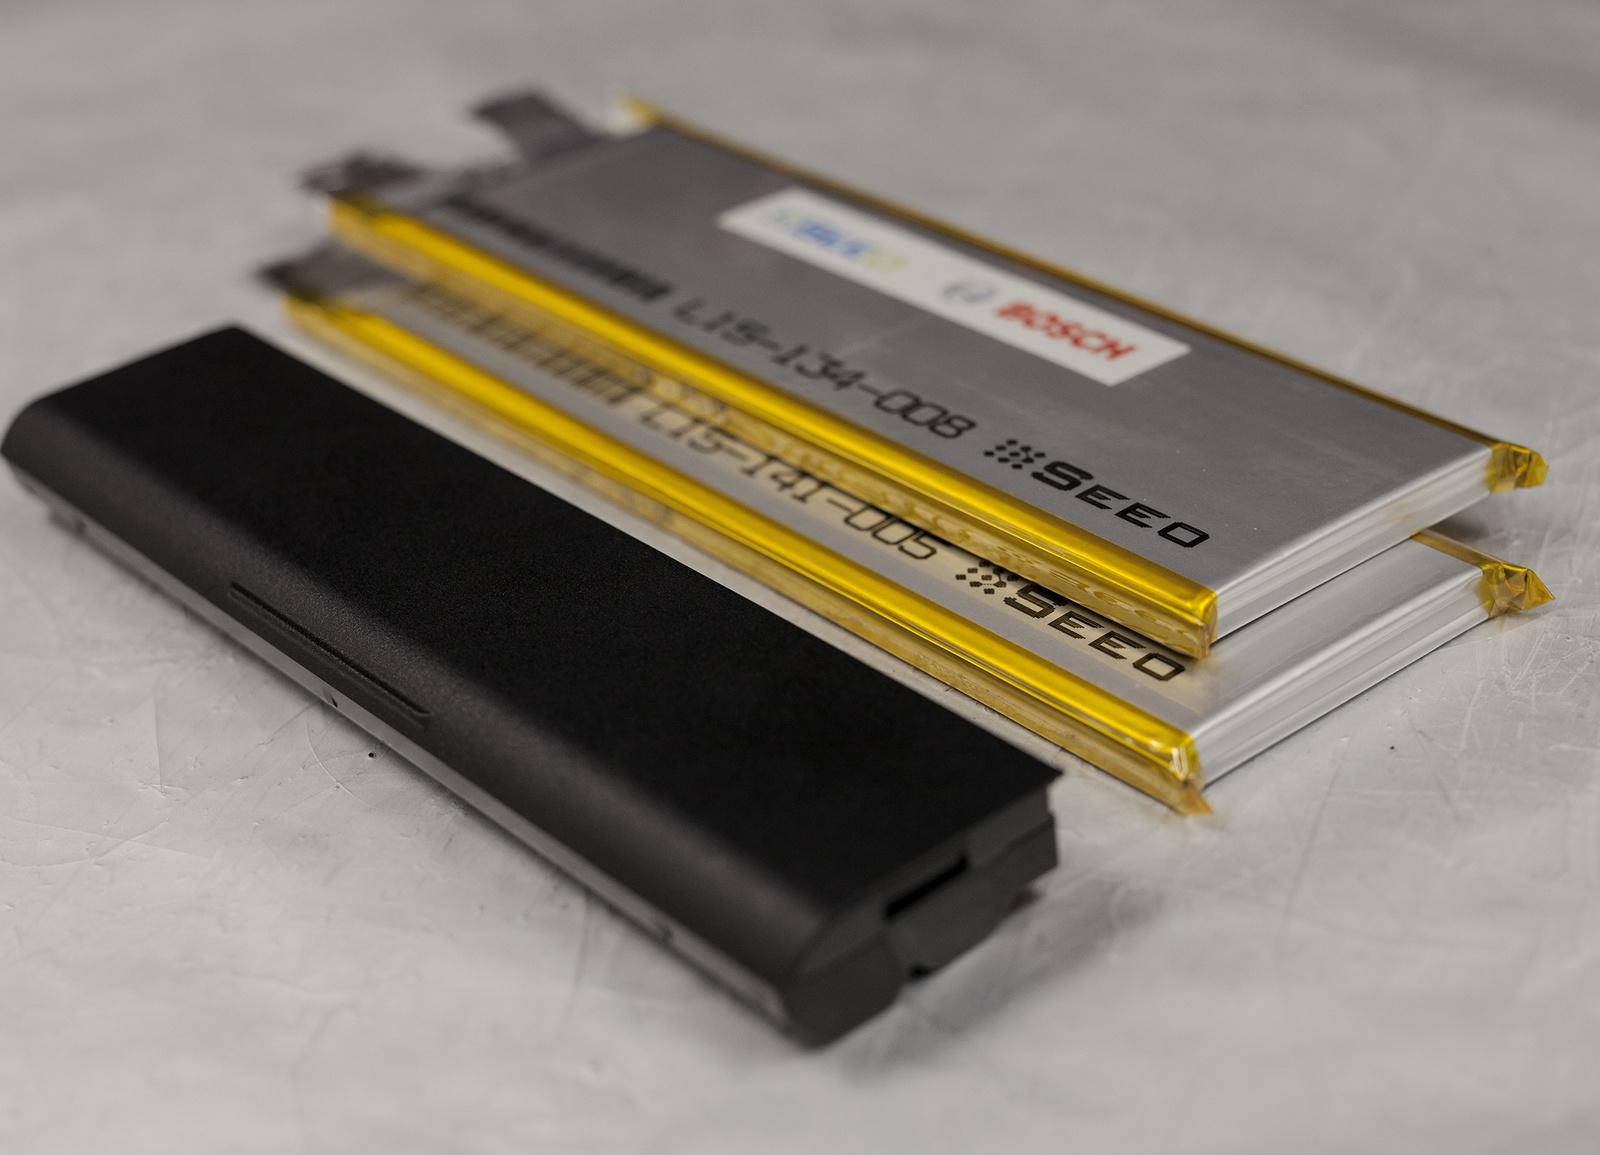 Neue Batterie aus Festkörperzellen verglichen mit einer Netbook-Batterie